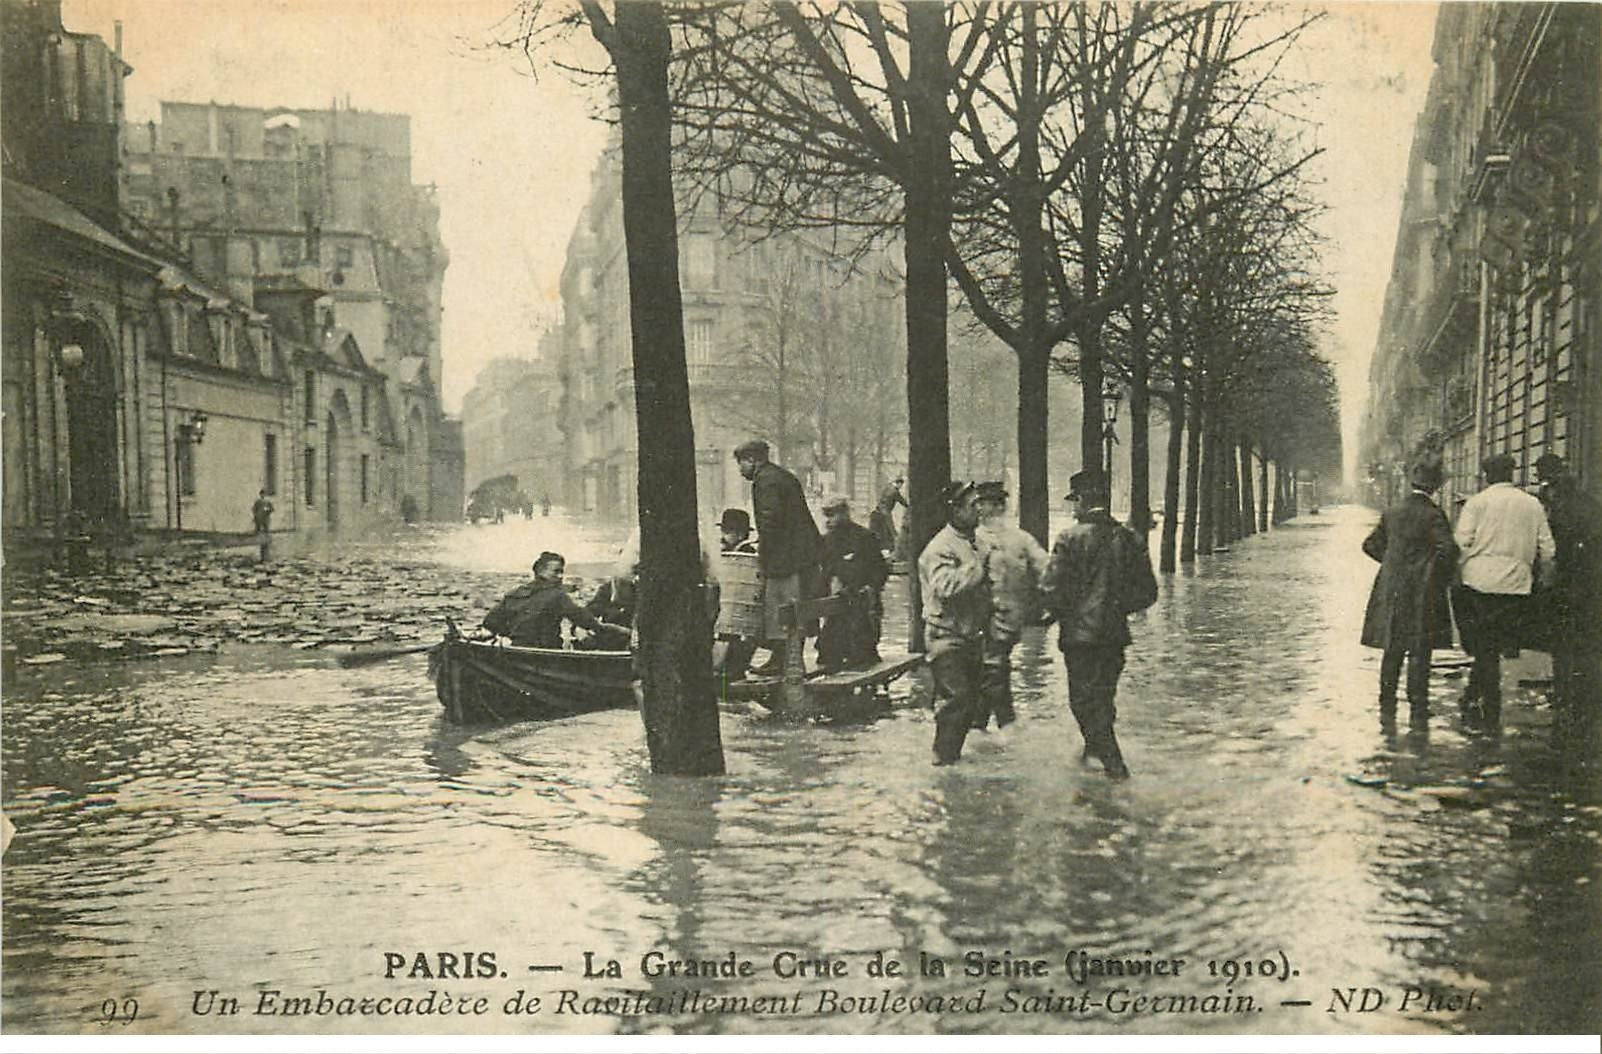 carte postale ancienne INONDATION ET CRUE PARIS 1910. Ravitaillement Boulevard Saint-Germain